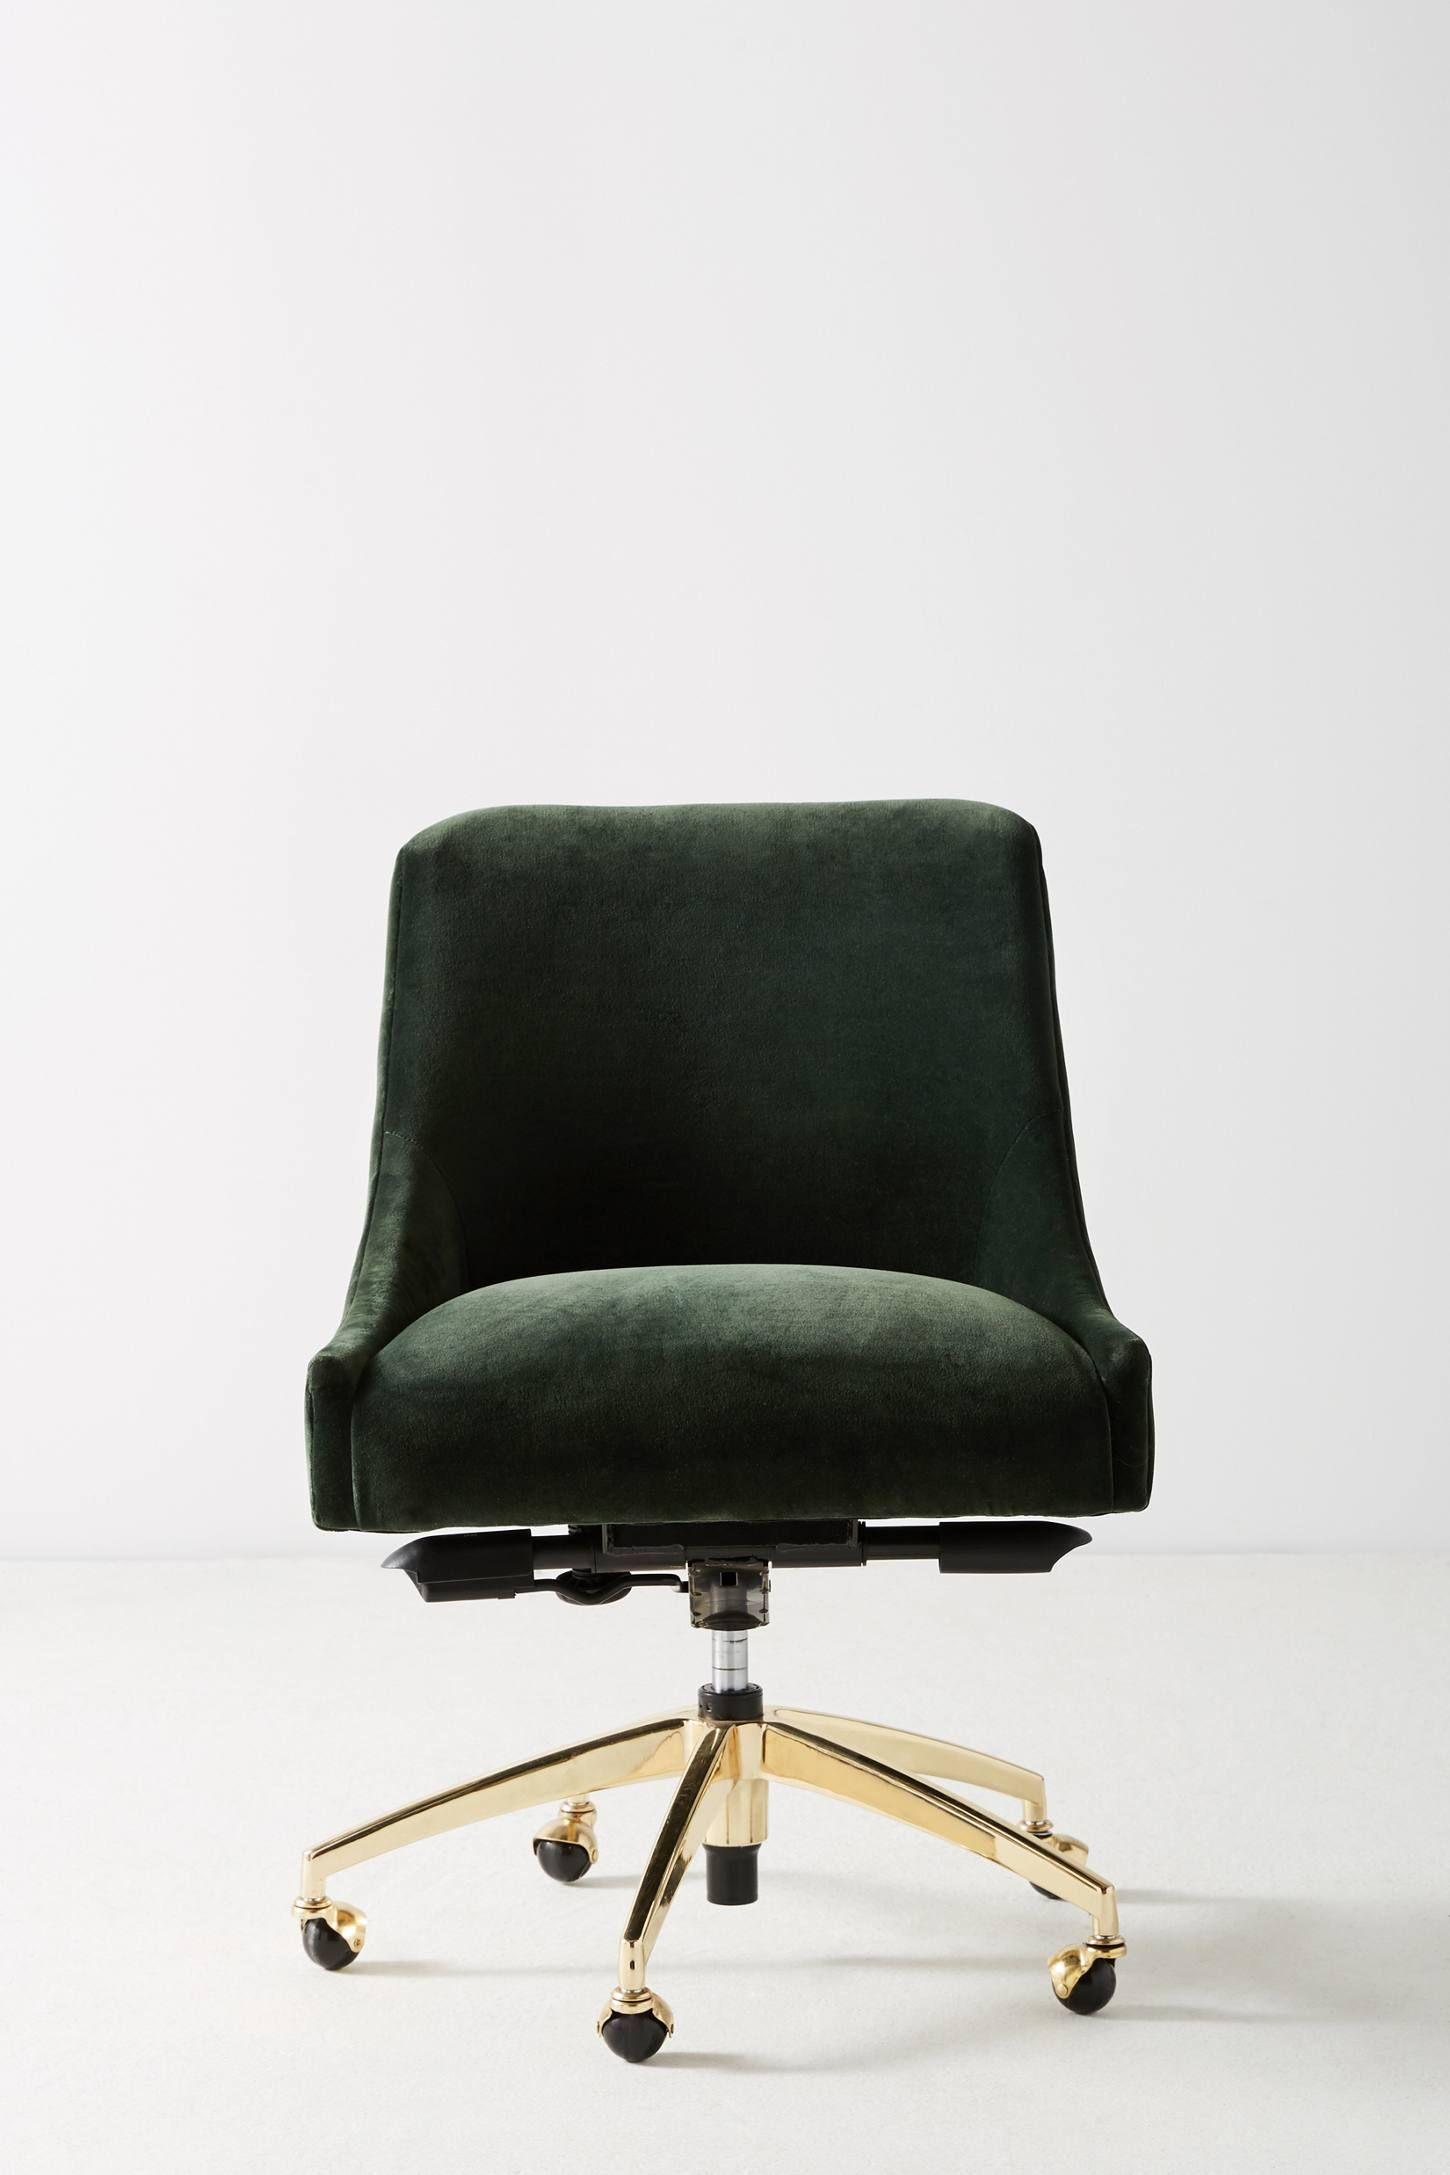 Elowen Swivel Desk Chair Swivel Office Chair Swivel Chair Desk Desk Chair